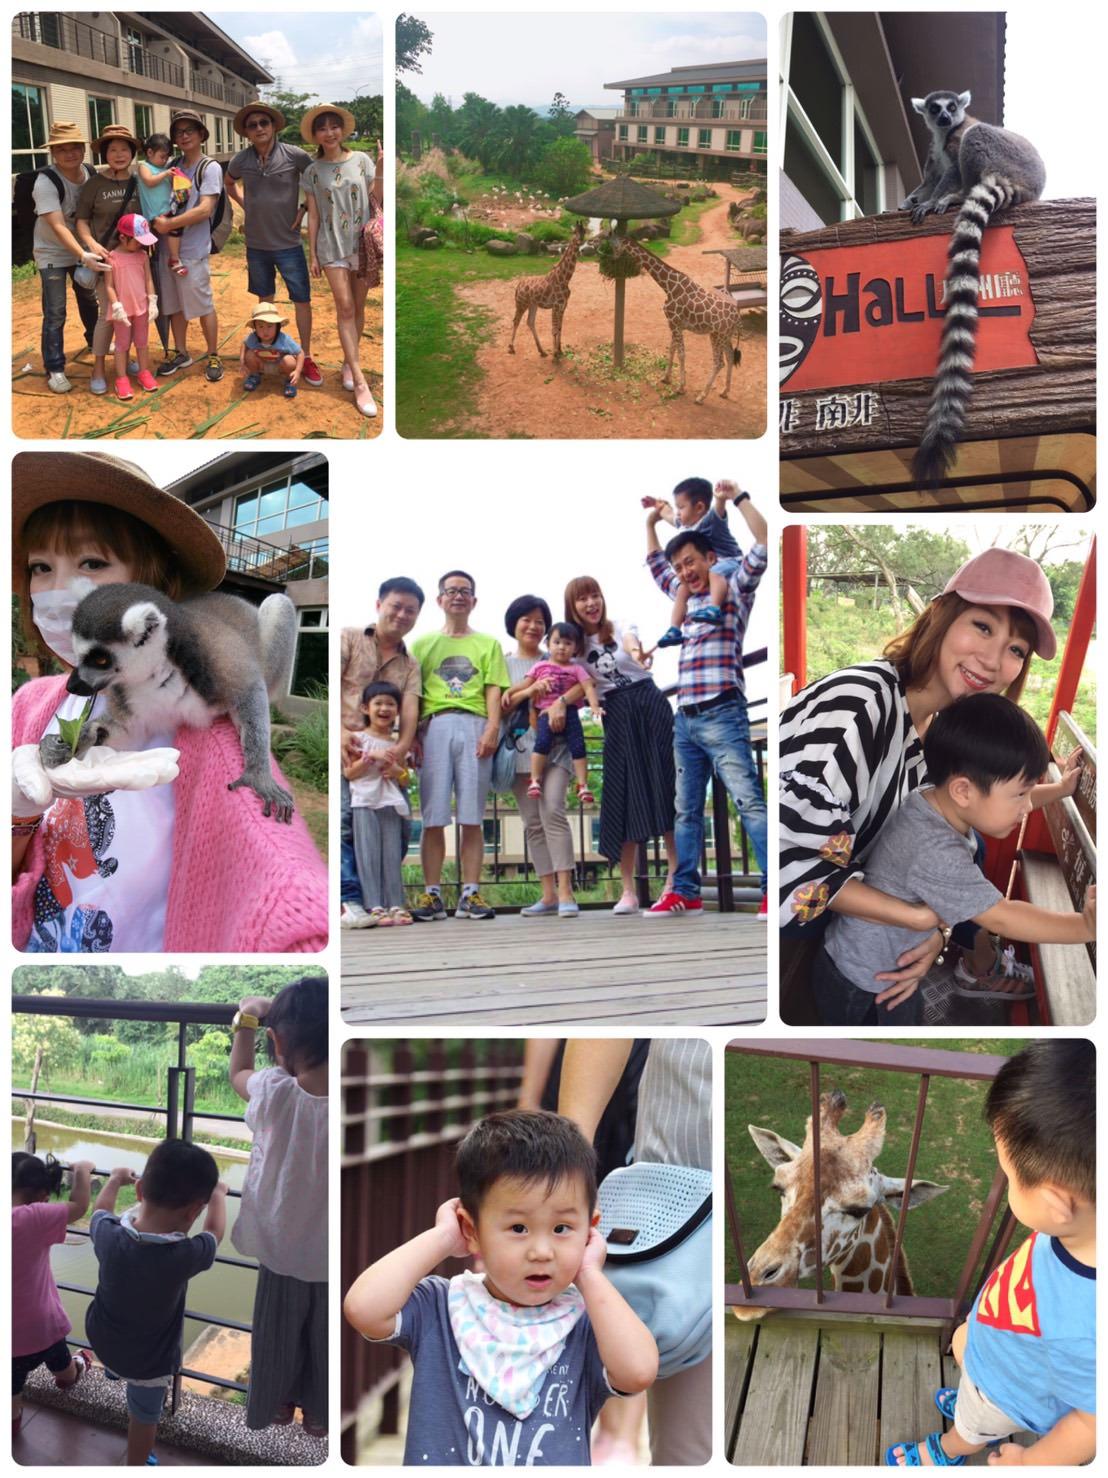 台灣親子旅遊  ❤️六福莊生態度假旅館 ❤️ 和動物最近距離的體驗(飯店篇)(≧∇≦)/